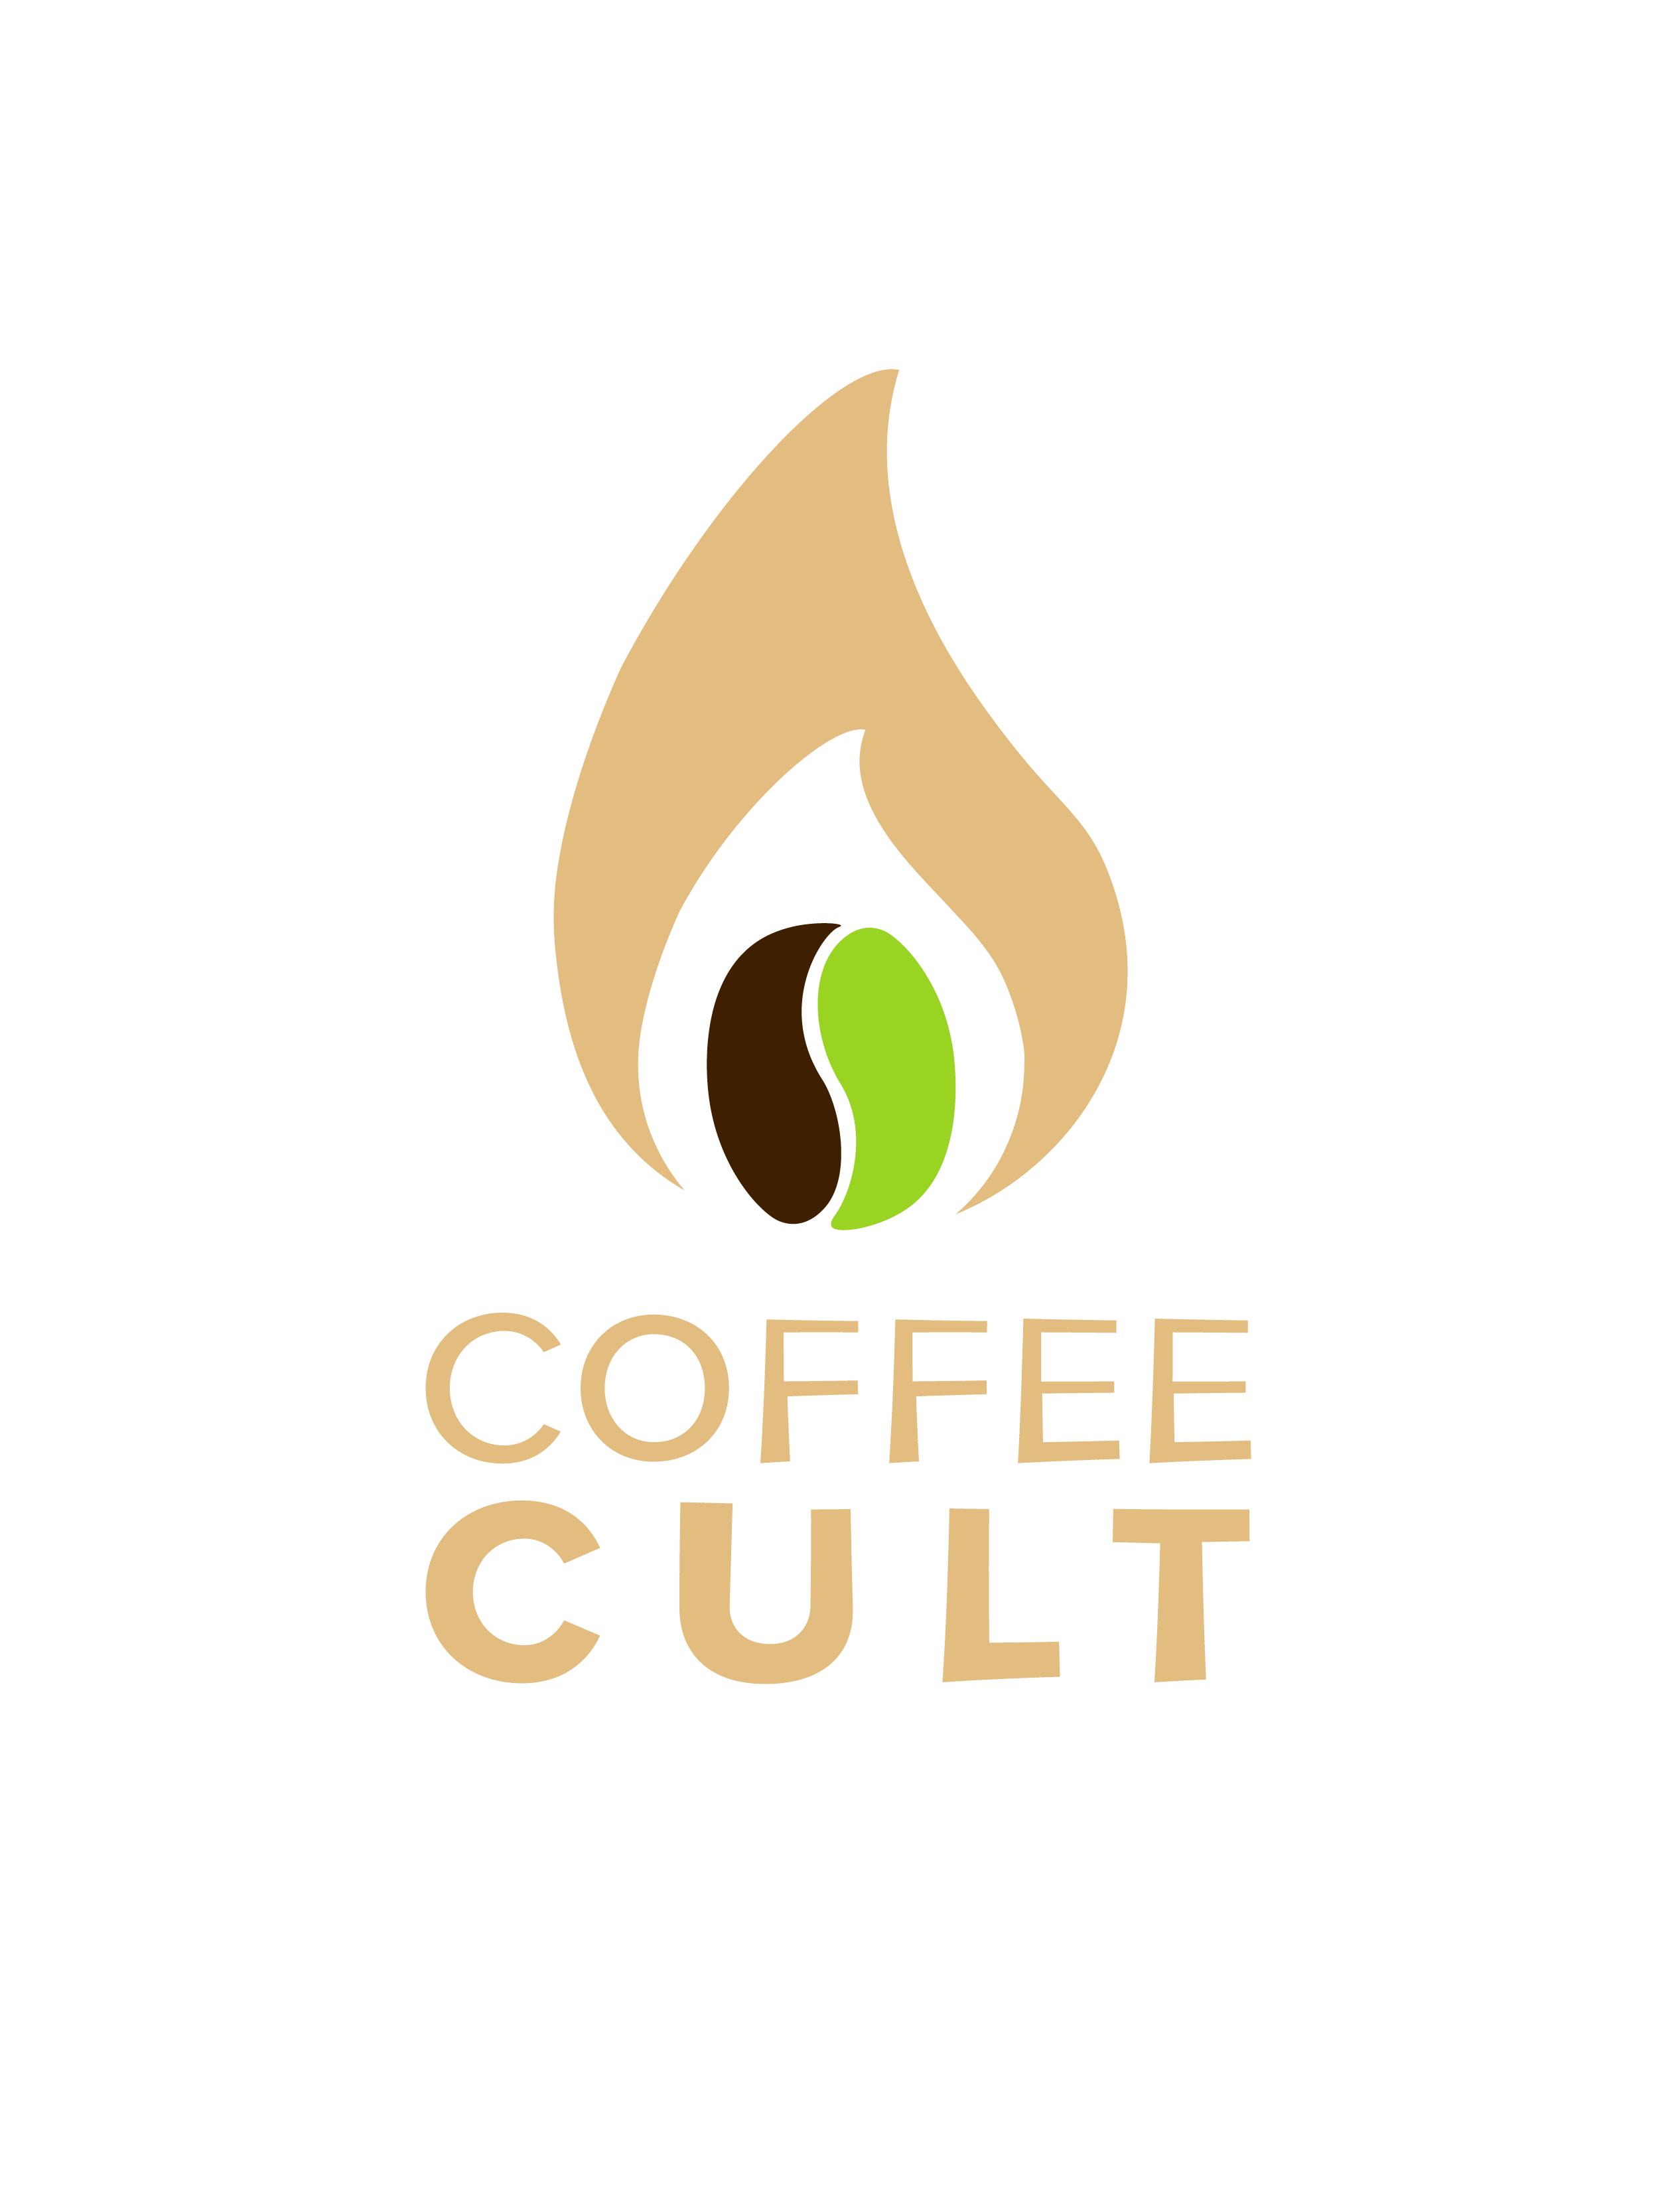 Логотип и фирменный стиль для компании COFFEE CULT фото f_6645bc1db9e3ca90.png